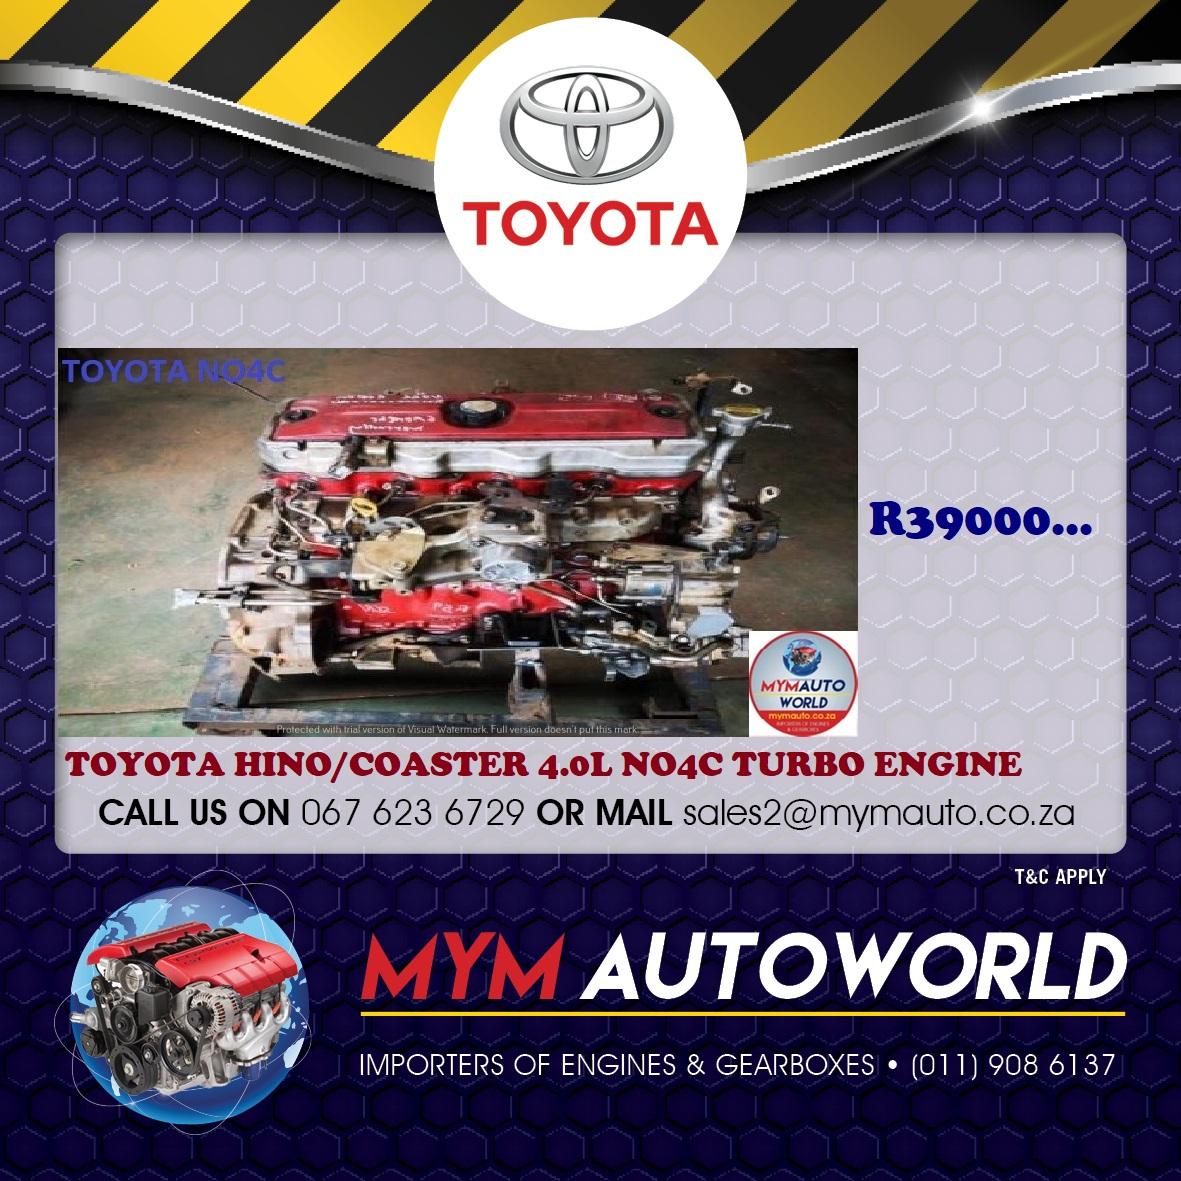 TOYOTA HINO/COASTER 4.0 NO4C TURBO ENGINE